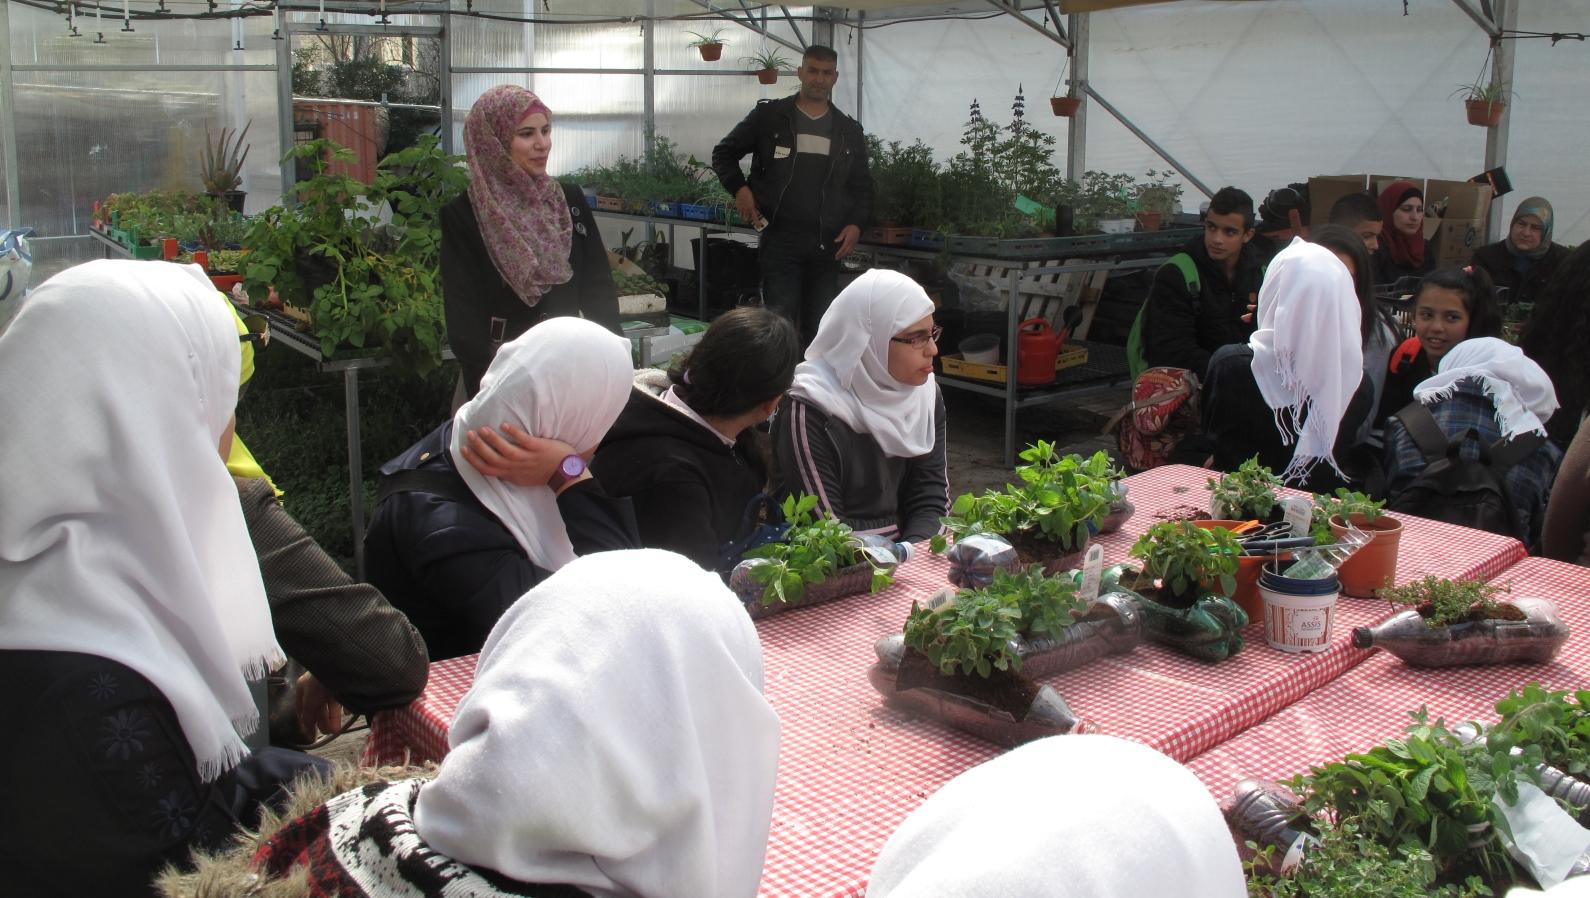 Arab Jerusalem teens learning about sustainable gardening at the Jerusalem Botanical Gardens. Photo: courtesy